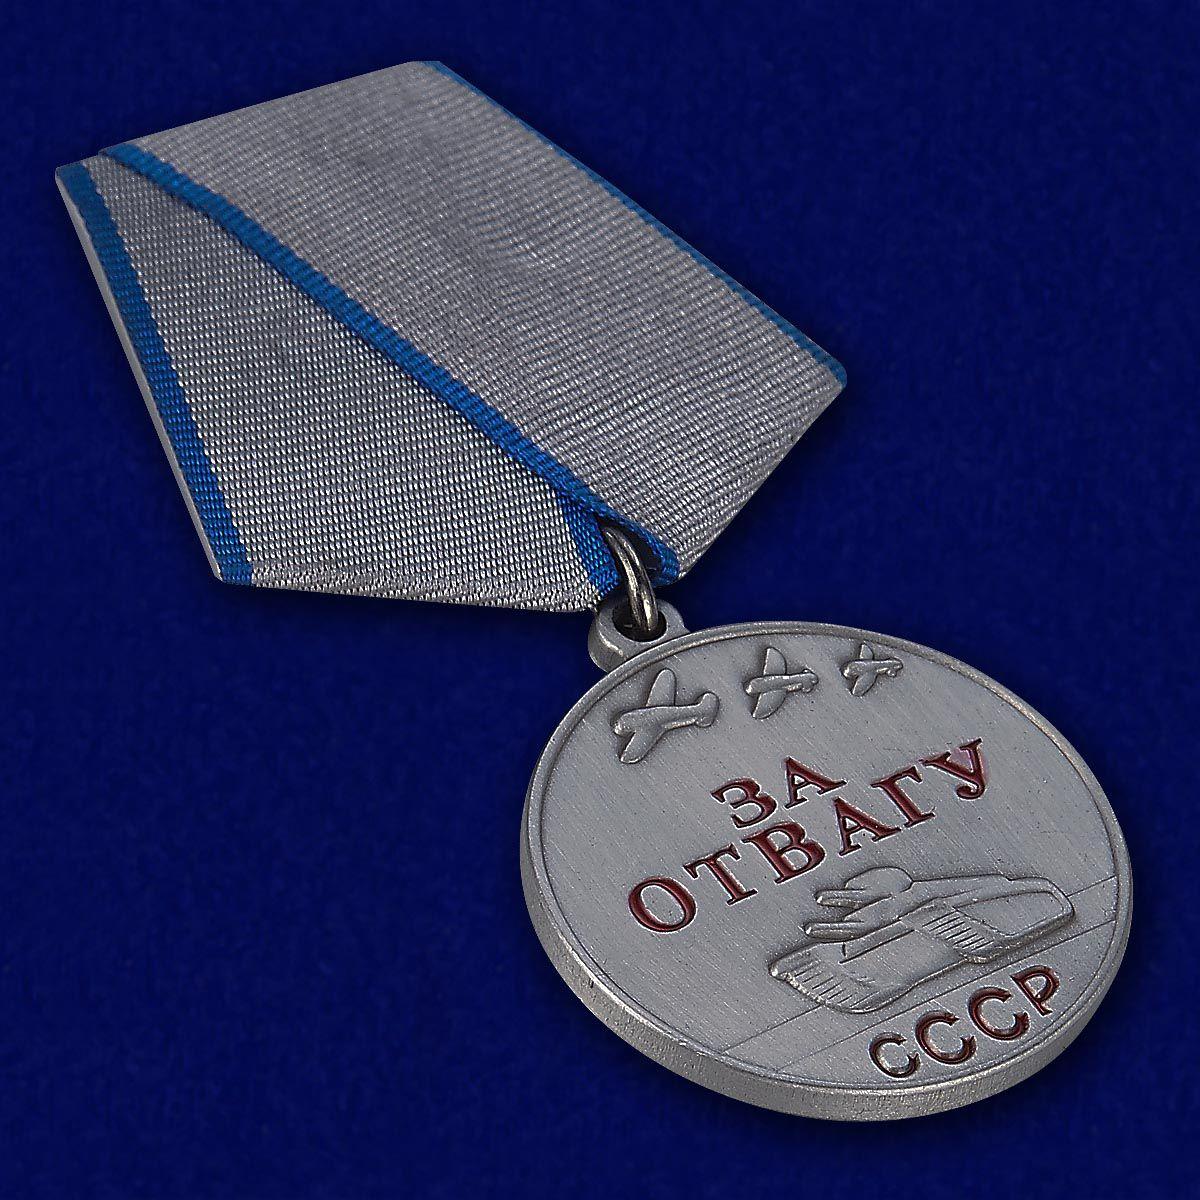 Медаль СССР «За отвагу» - лучшие муляжи советских наград